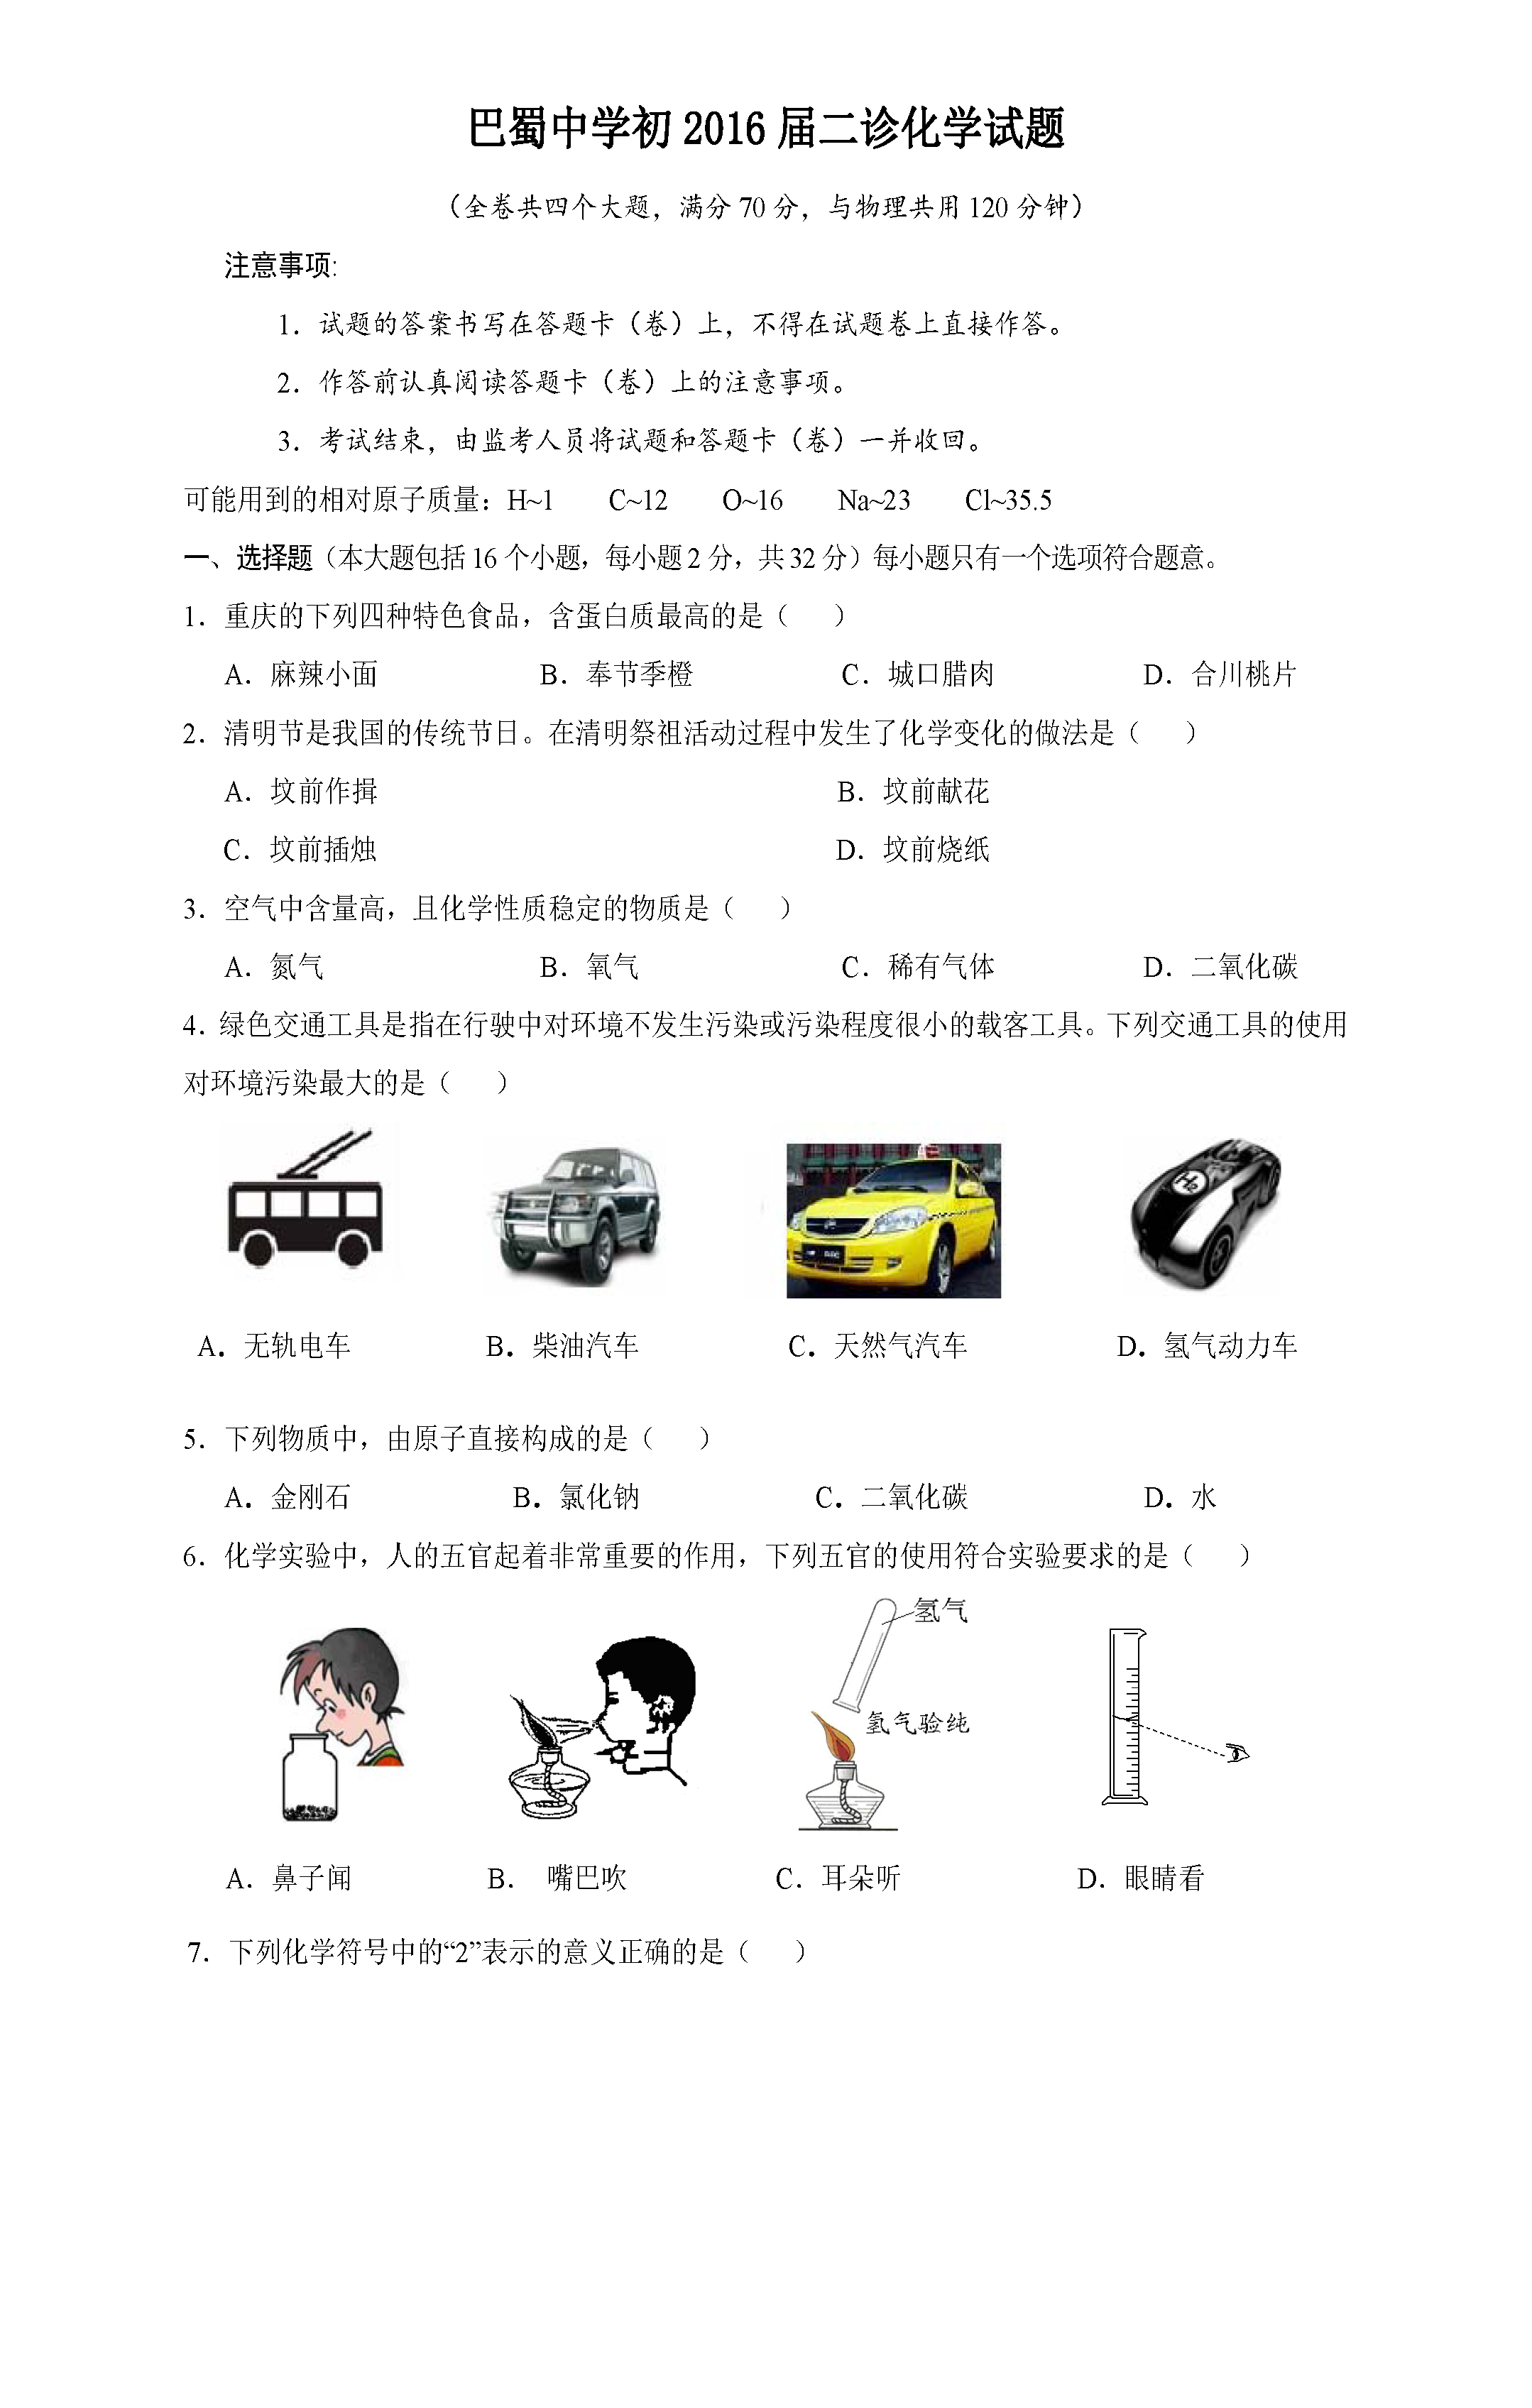 重庆巴蜀中学初2016九年级二诊化学试题(Word版)